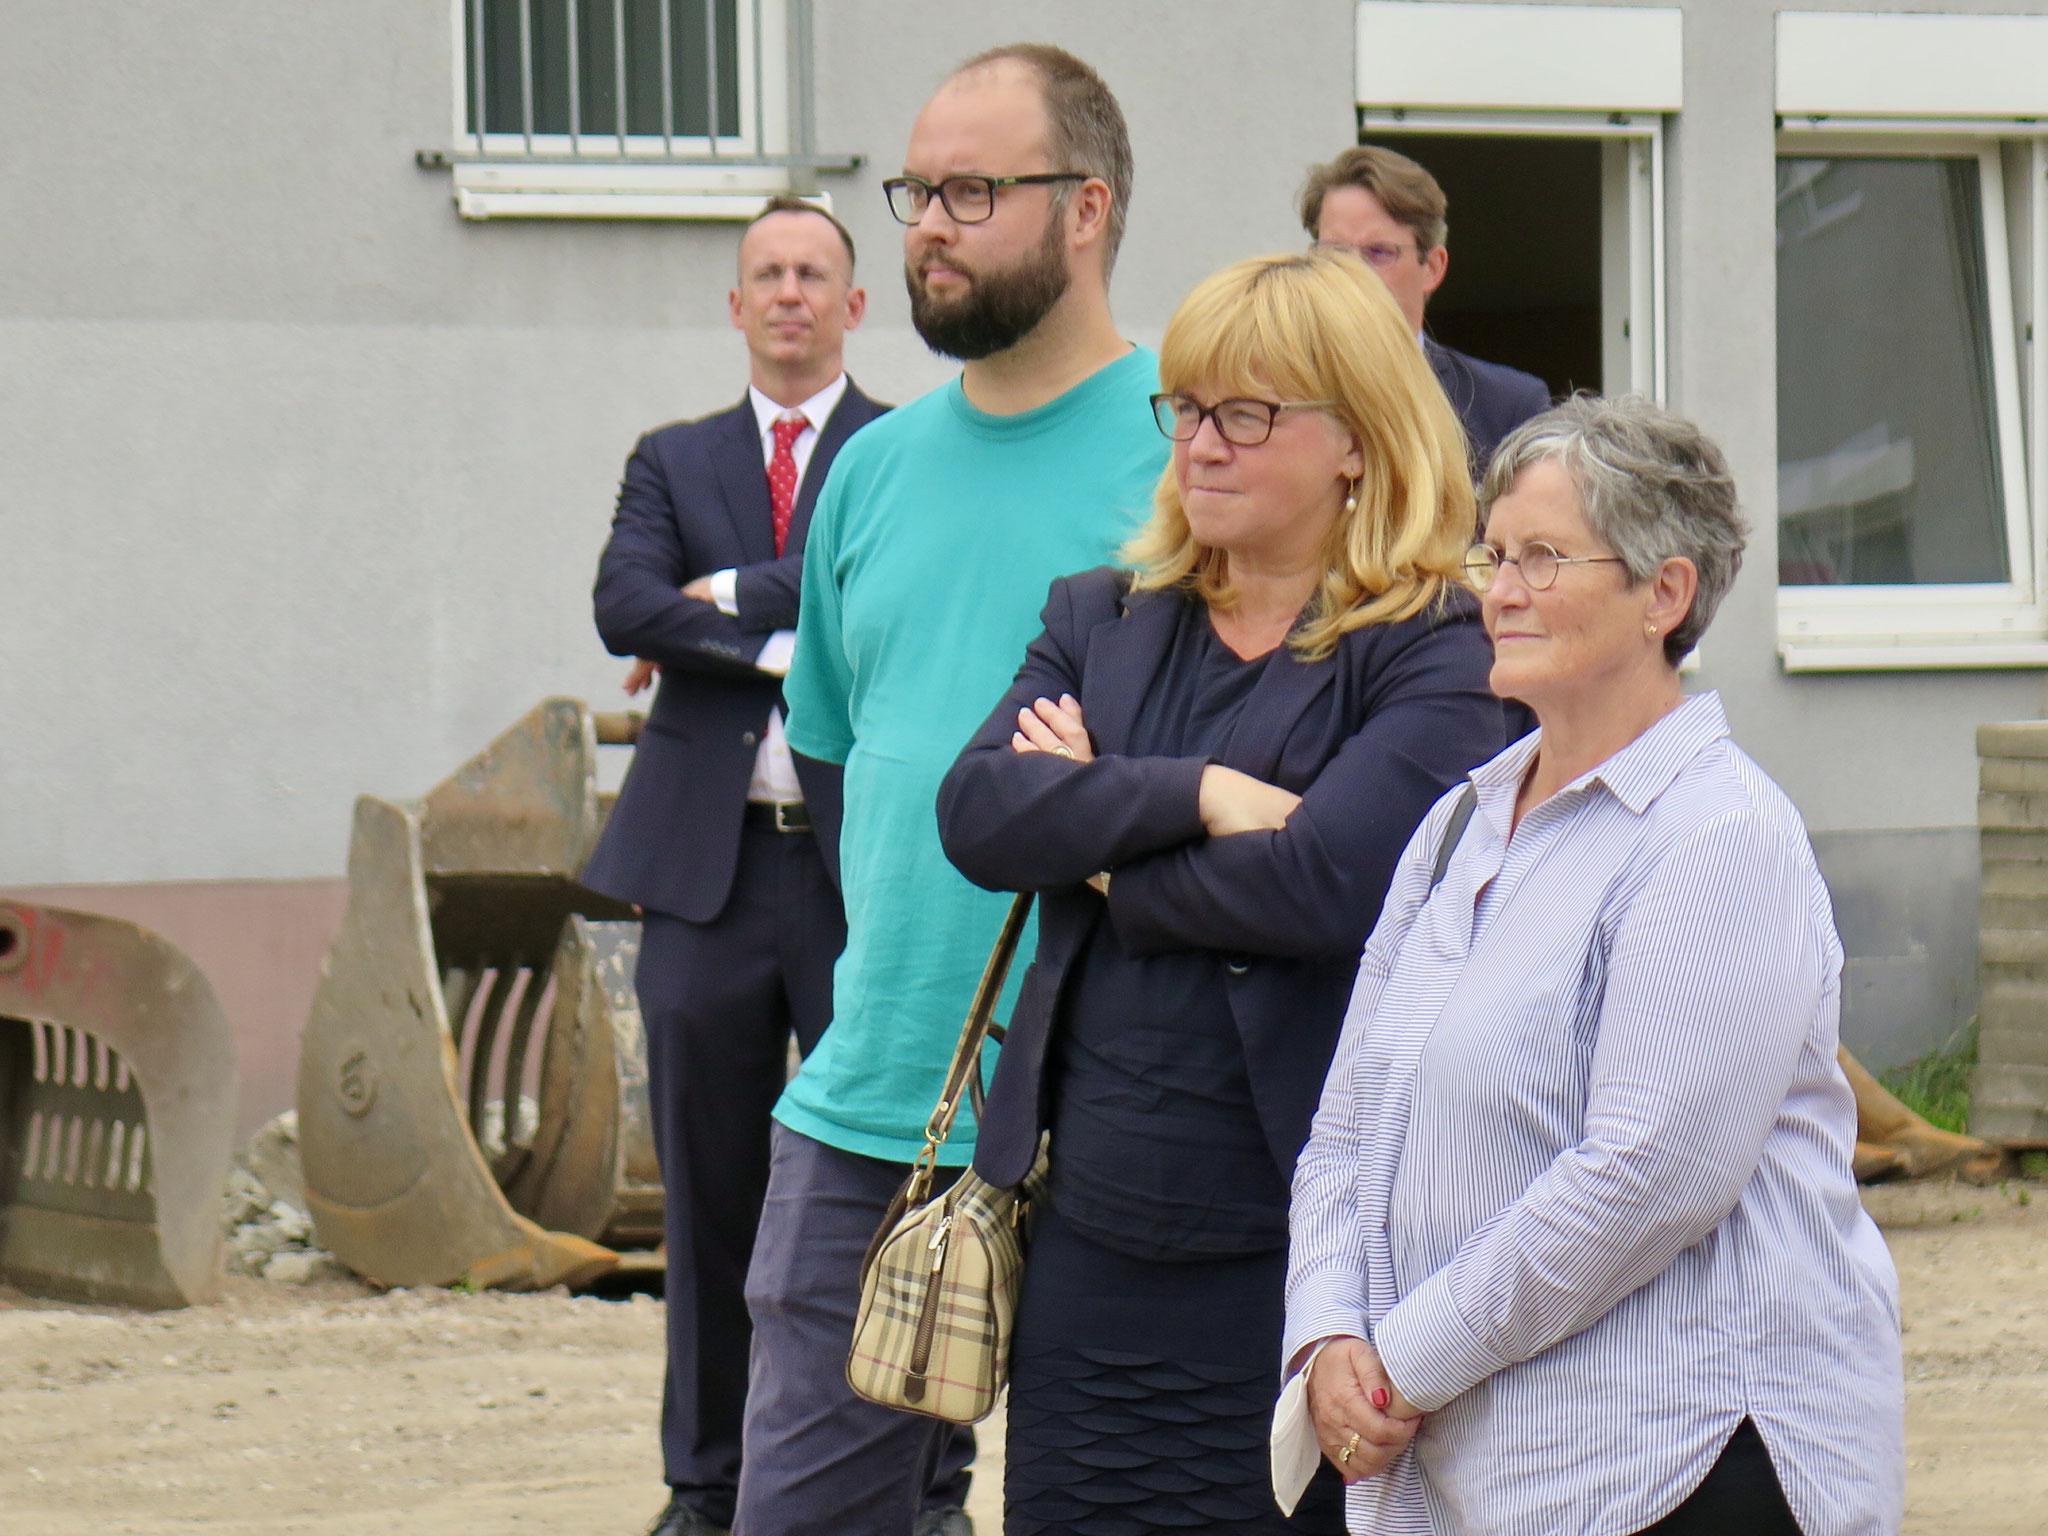 Unter den Gästen: der Linken-Verordnete Steffen Ostehr, Bezirksstadträtin Juliane Witt und Bezirksbürgermeisterin Dagmar Pohle